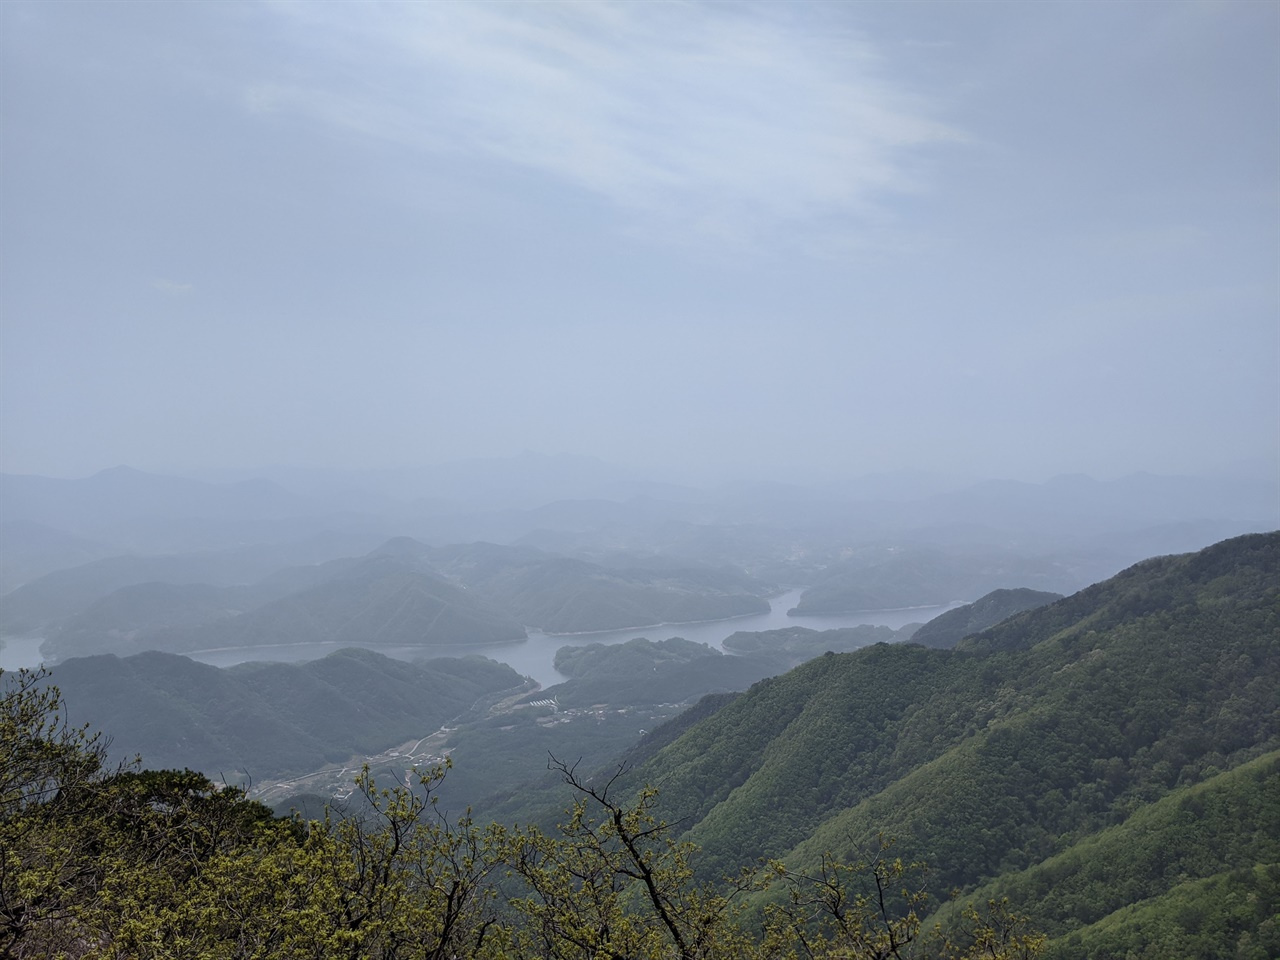 금수산 정상에서 바라본 청풍호 청풍호 뒤로 월악산도 보인다고 하는데, 황사의 영향 때문인지 희미한 윤곽만 간신히 보였다